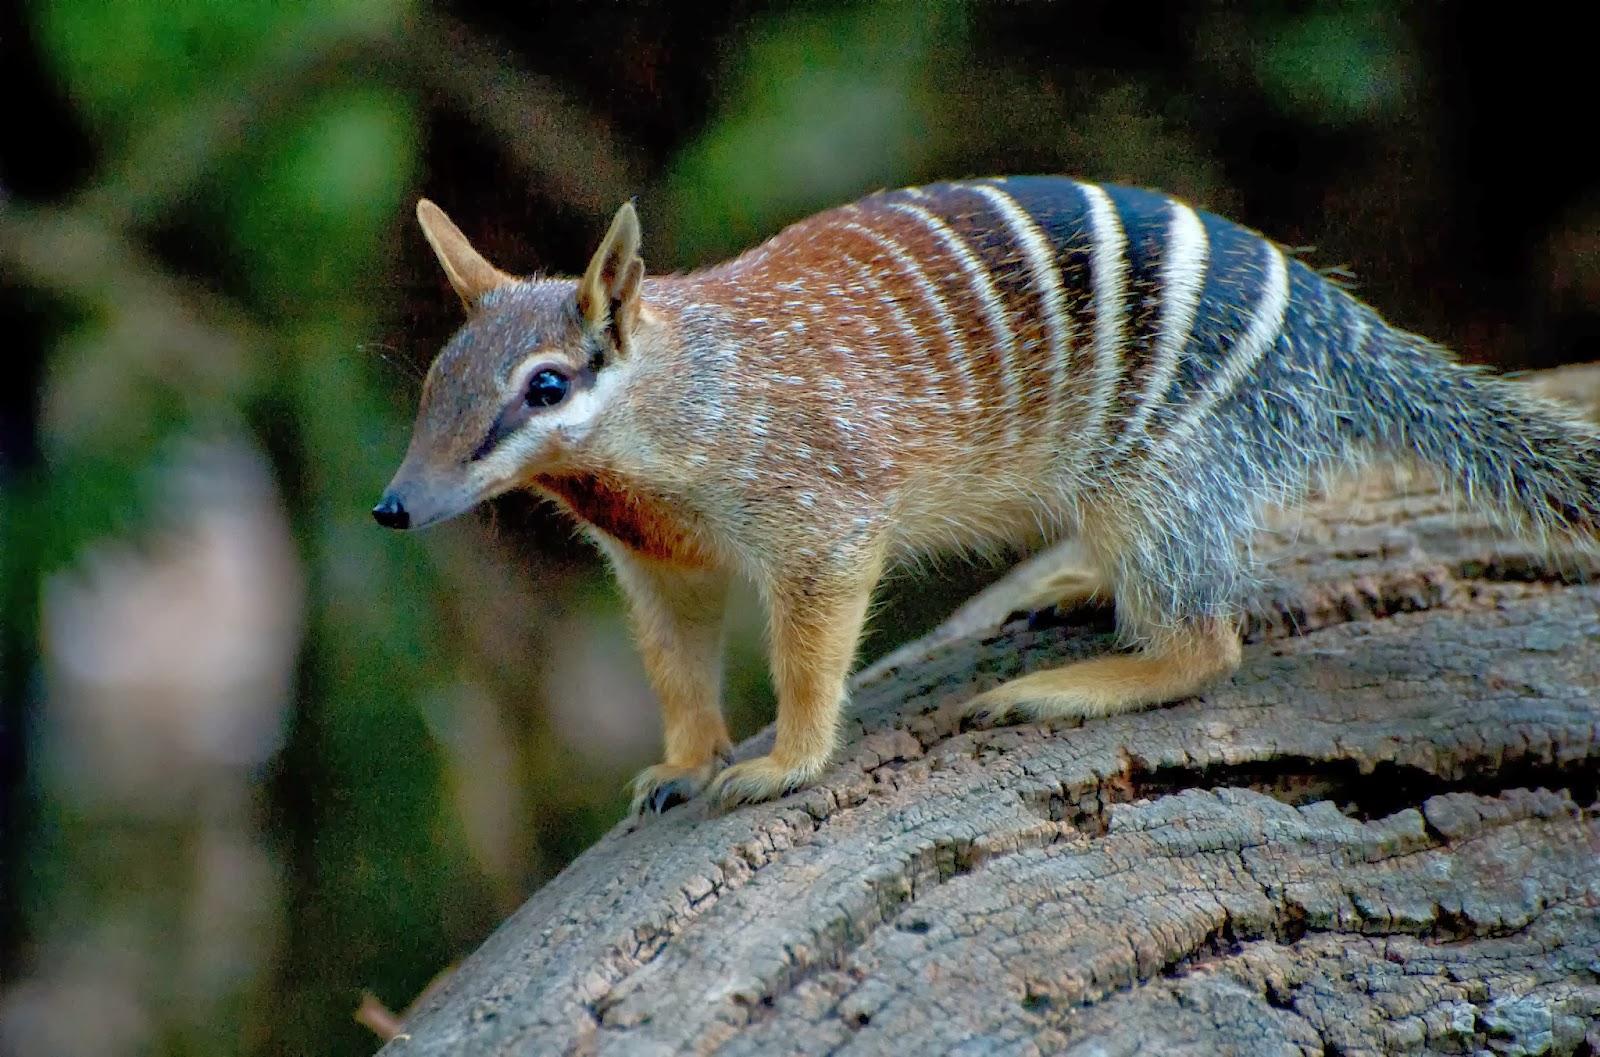 Australian animal numbat photos